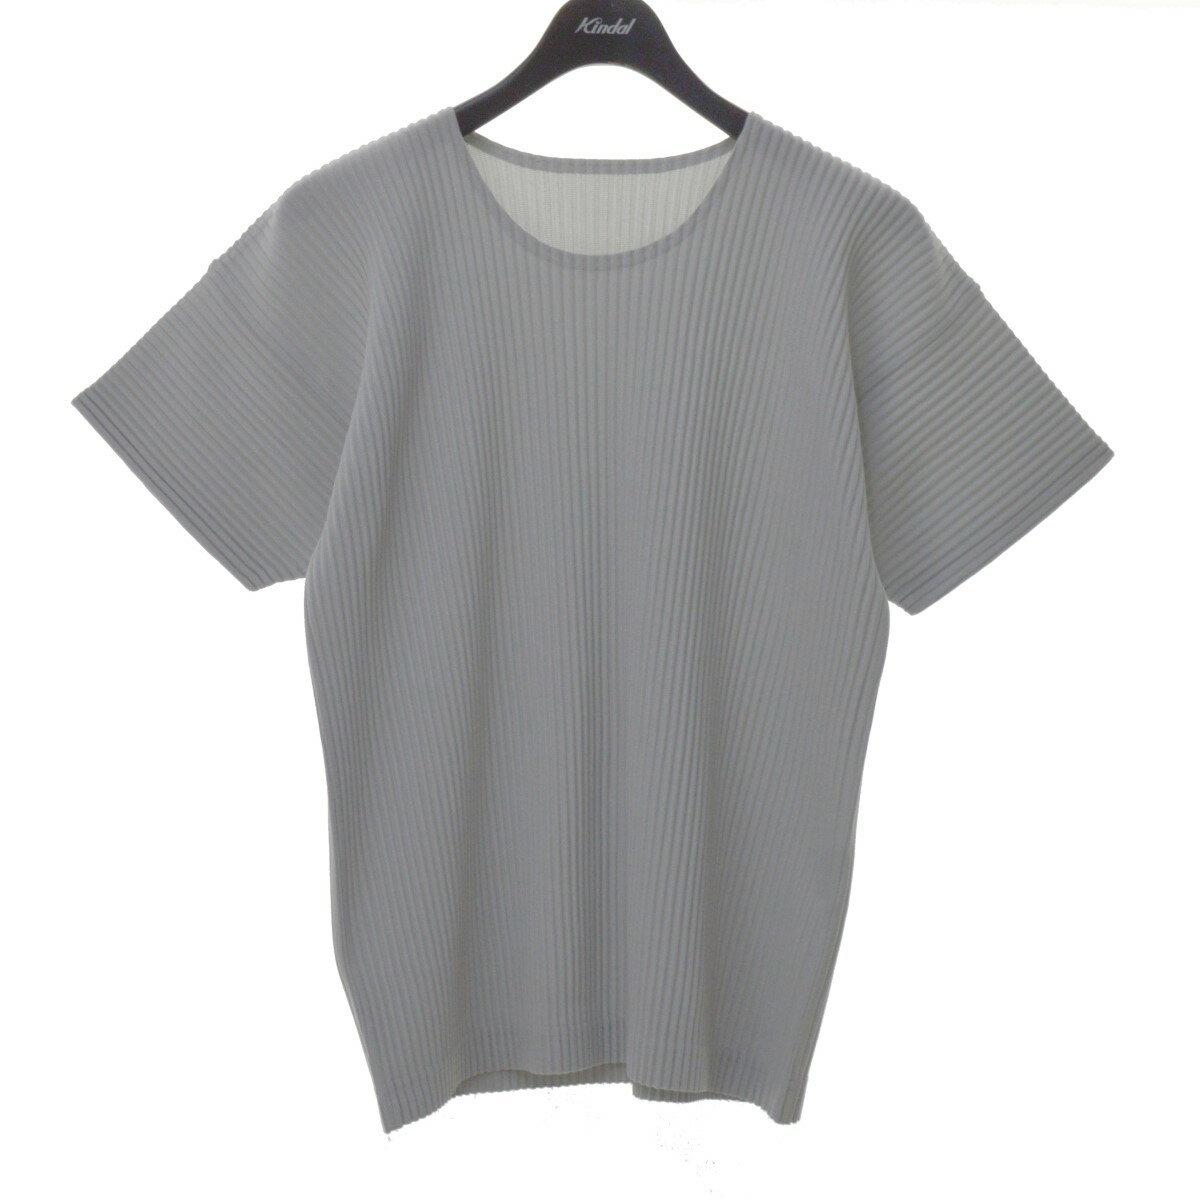 トップス, Tシャツ・カットソー HOMME PLISSE ISSEY MIYAKE 2 270521